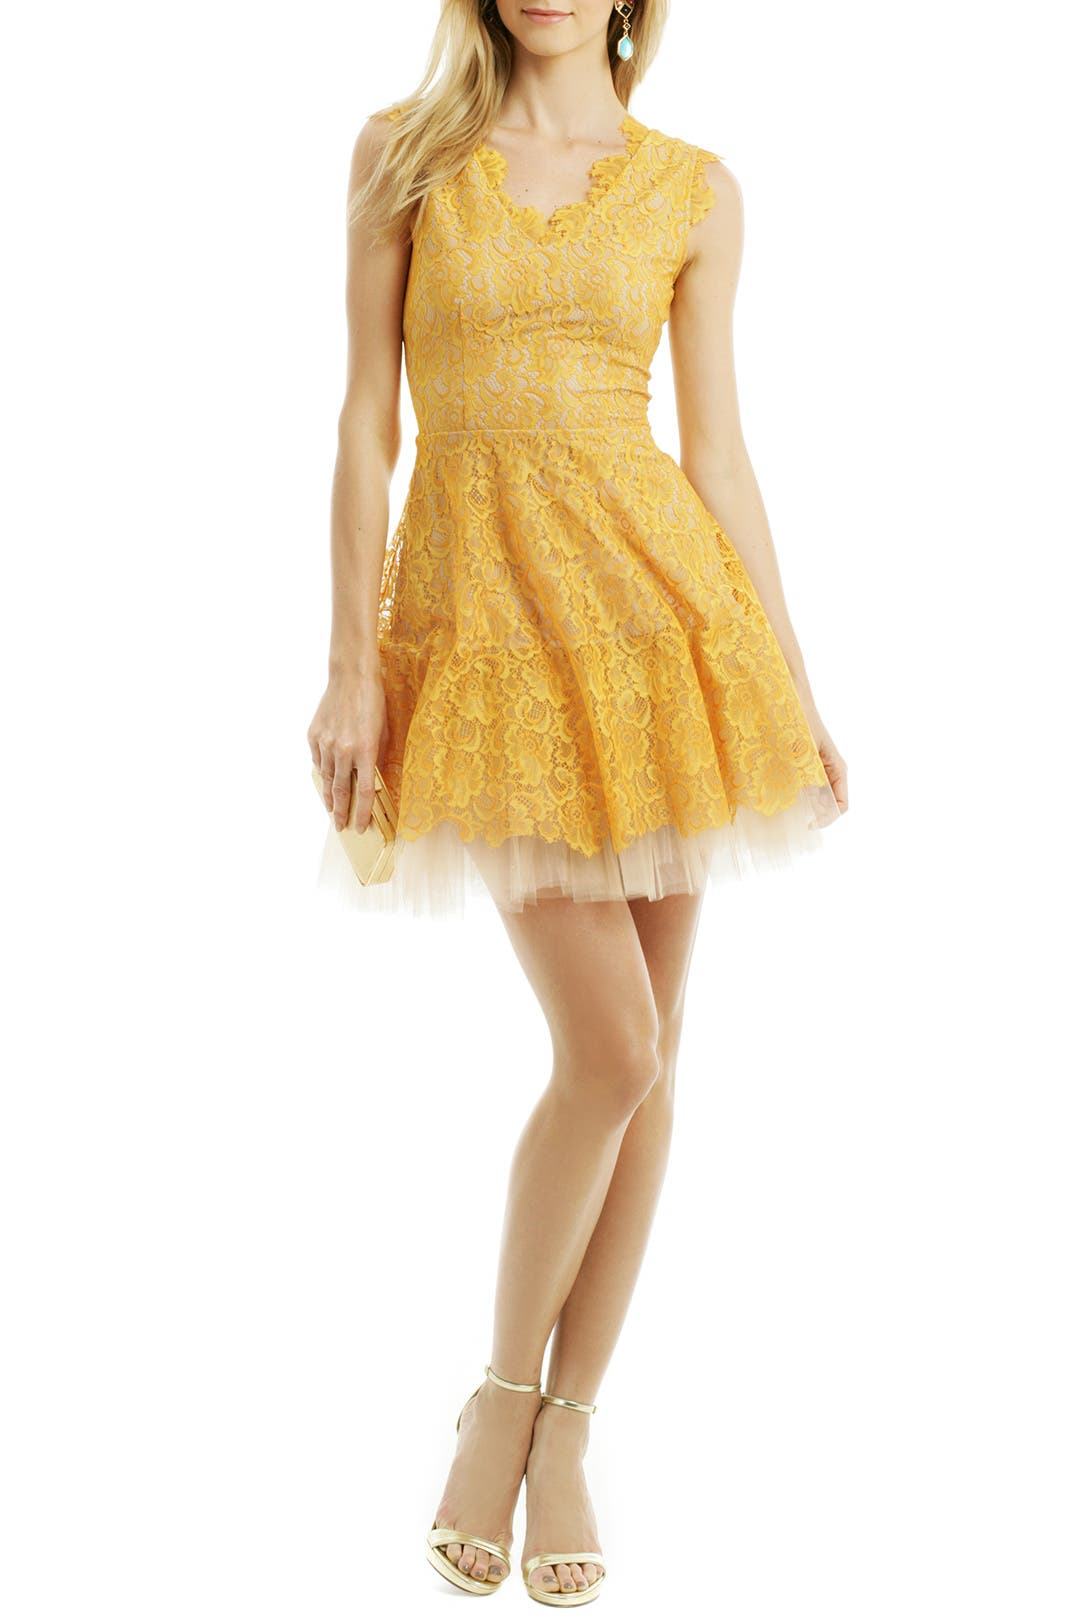 Forsyth Dress by nha khanh